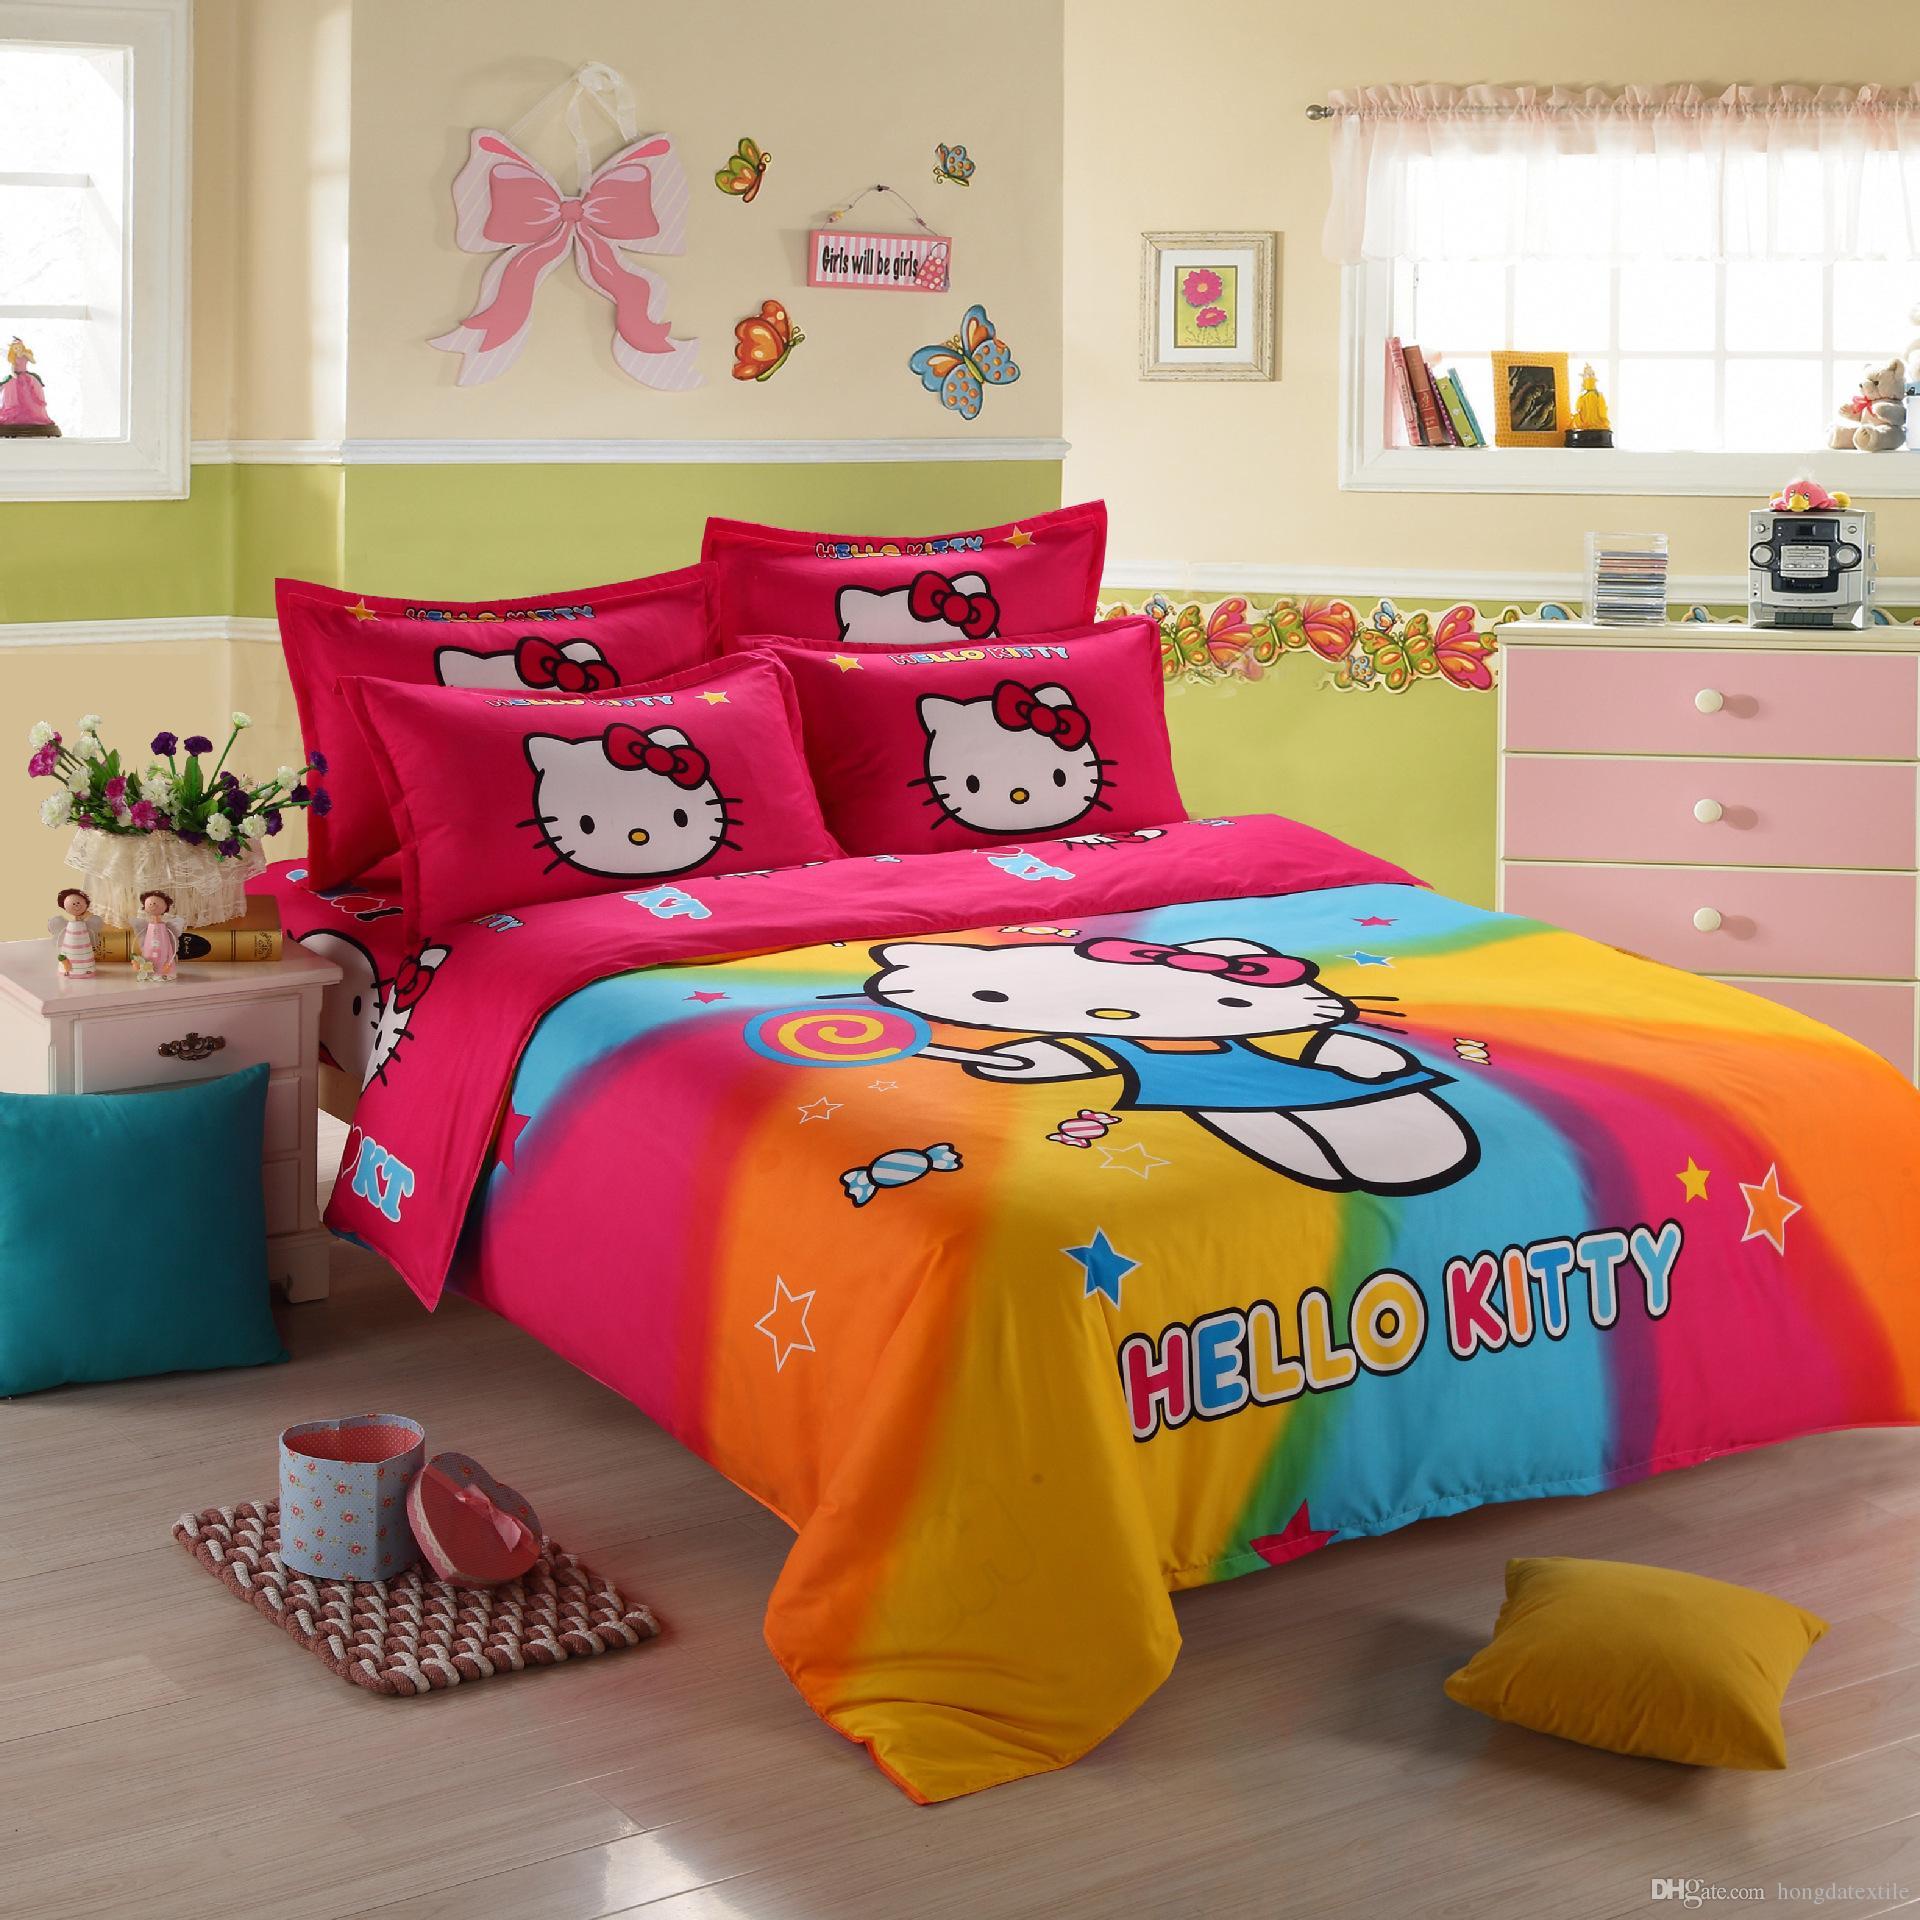 3d Hello Kitty Bedding Set Children Bed Linen Cartoon Duvet Cover Set With Bed Sheet Pillow Case